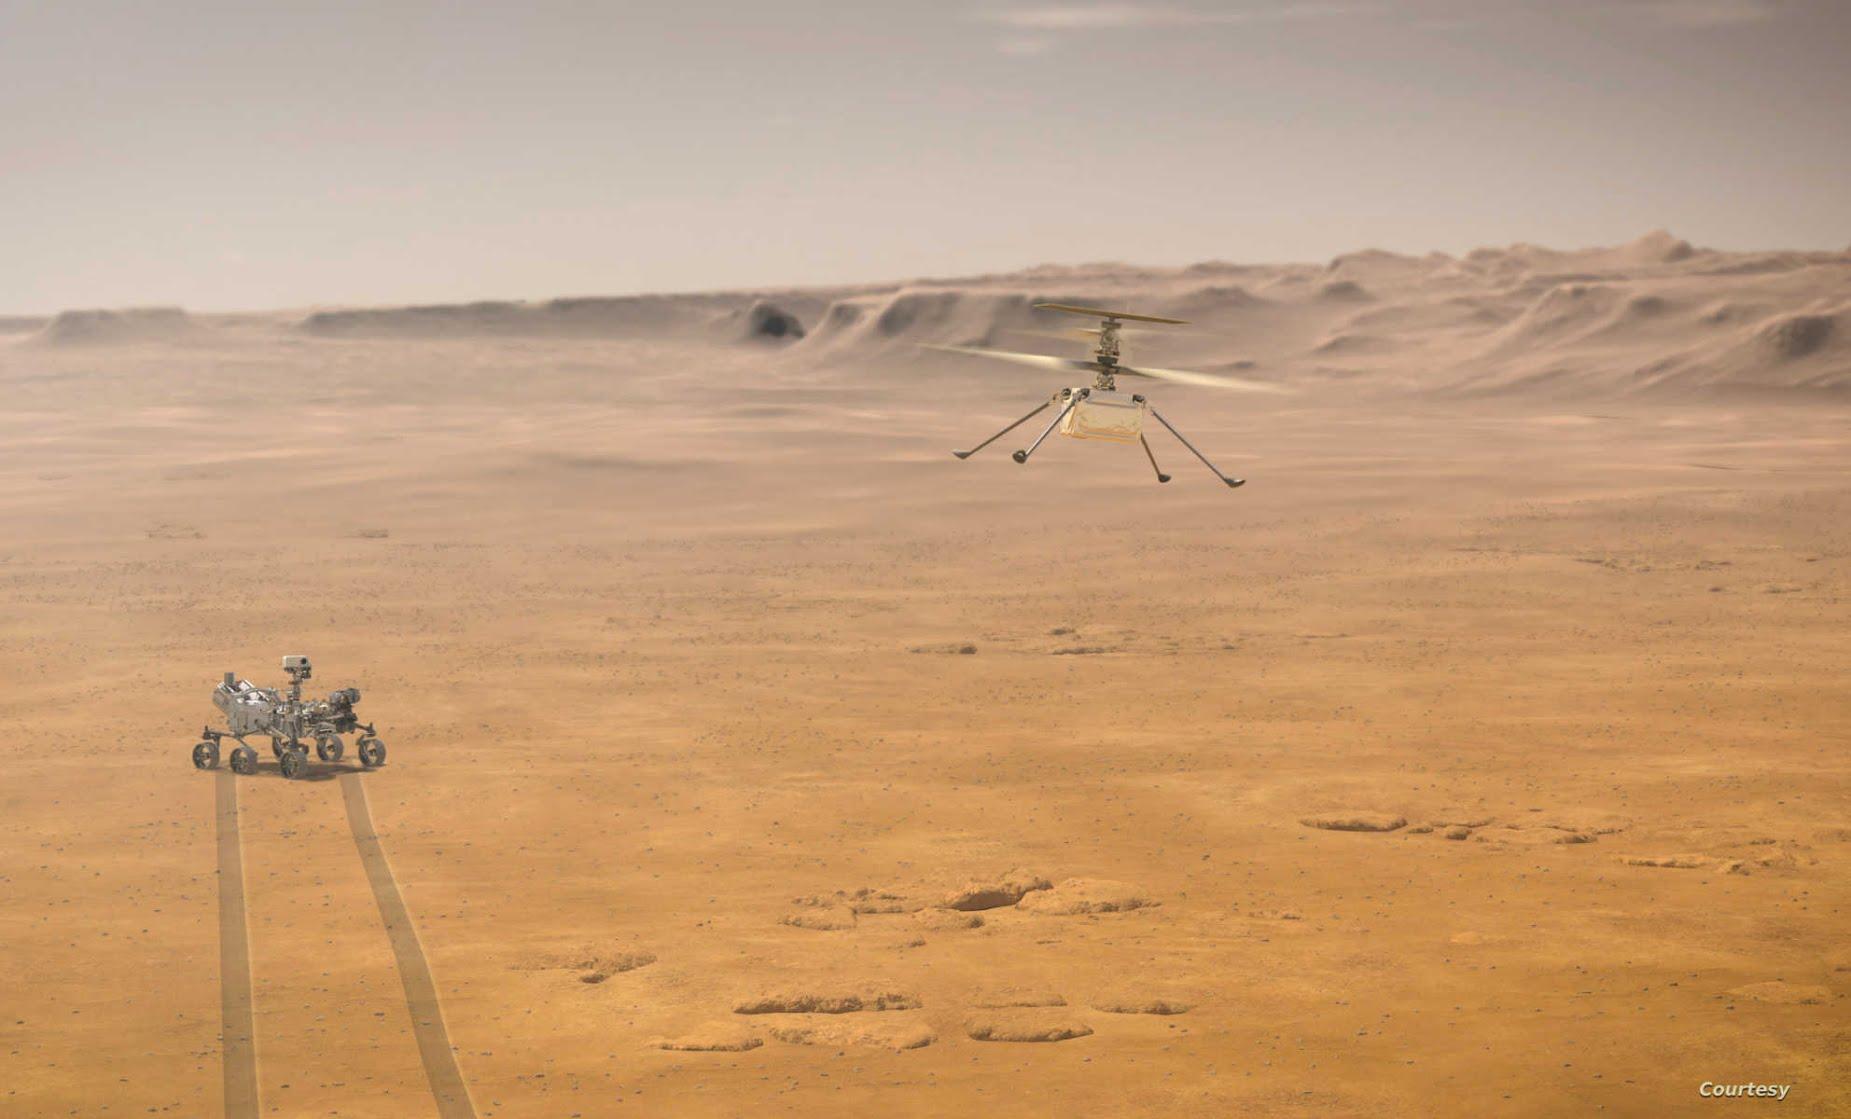 ناسا تكشف الليلة عن أوّل فيديو مباشر من سطح المريخ